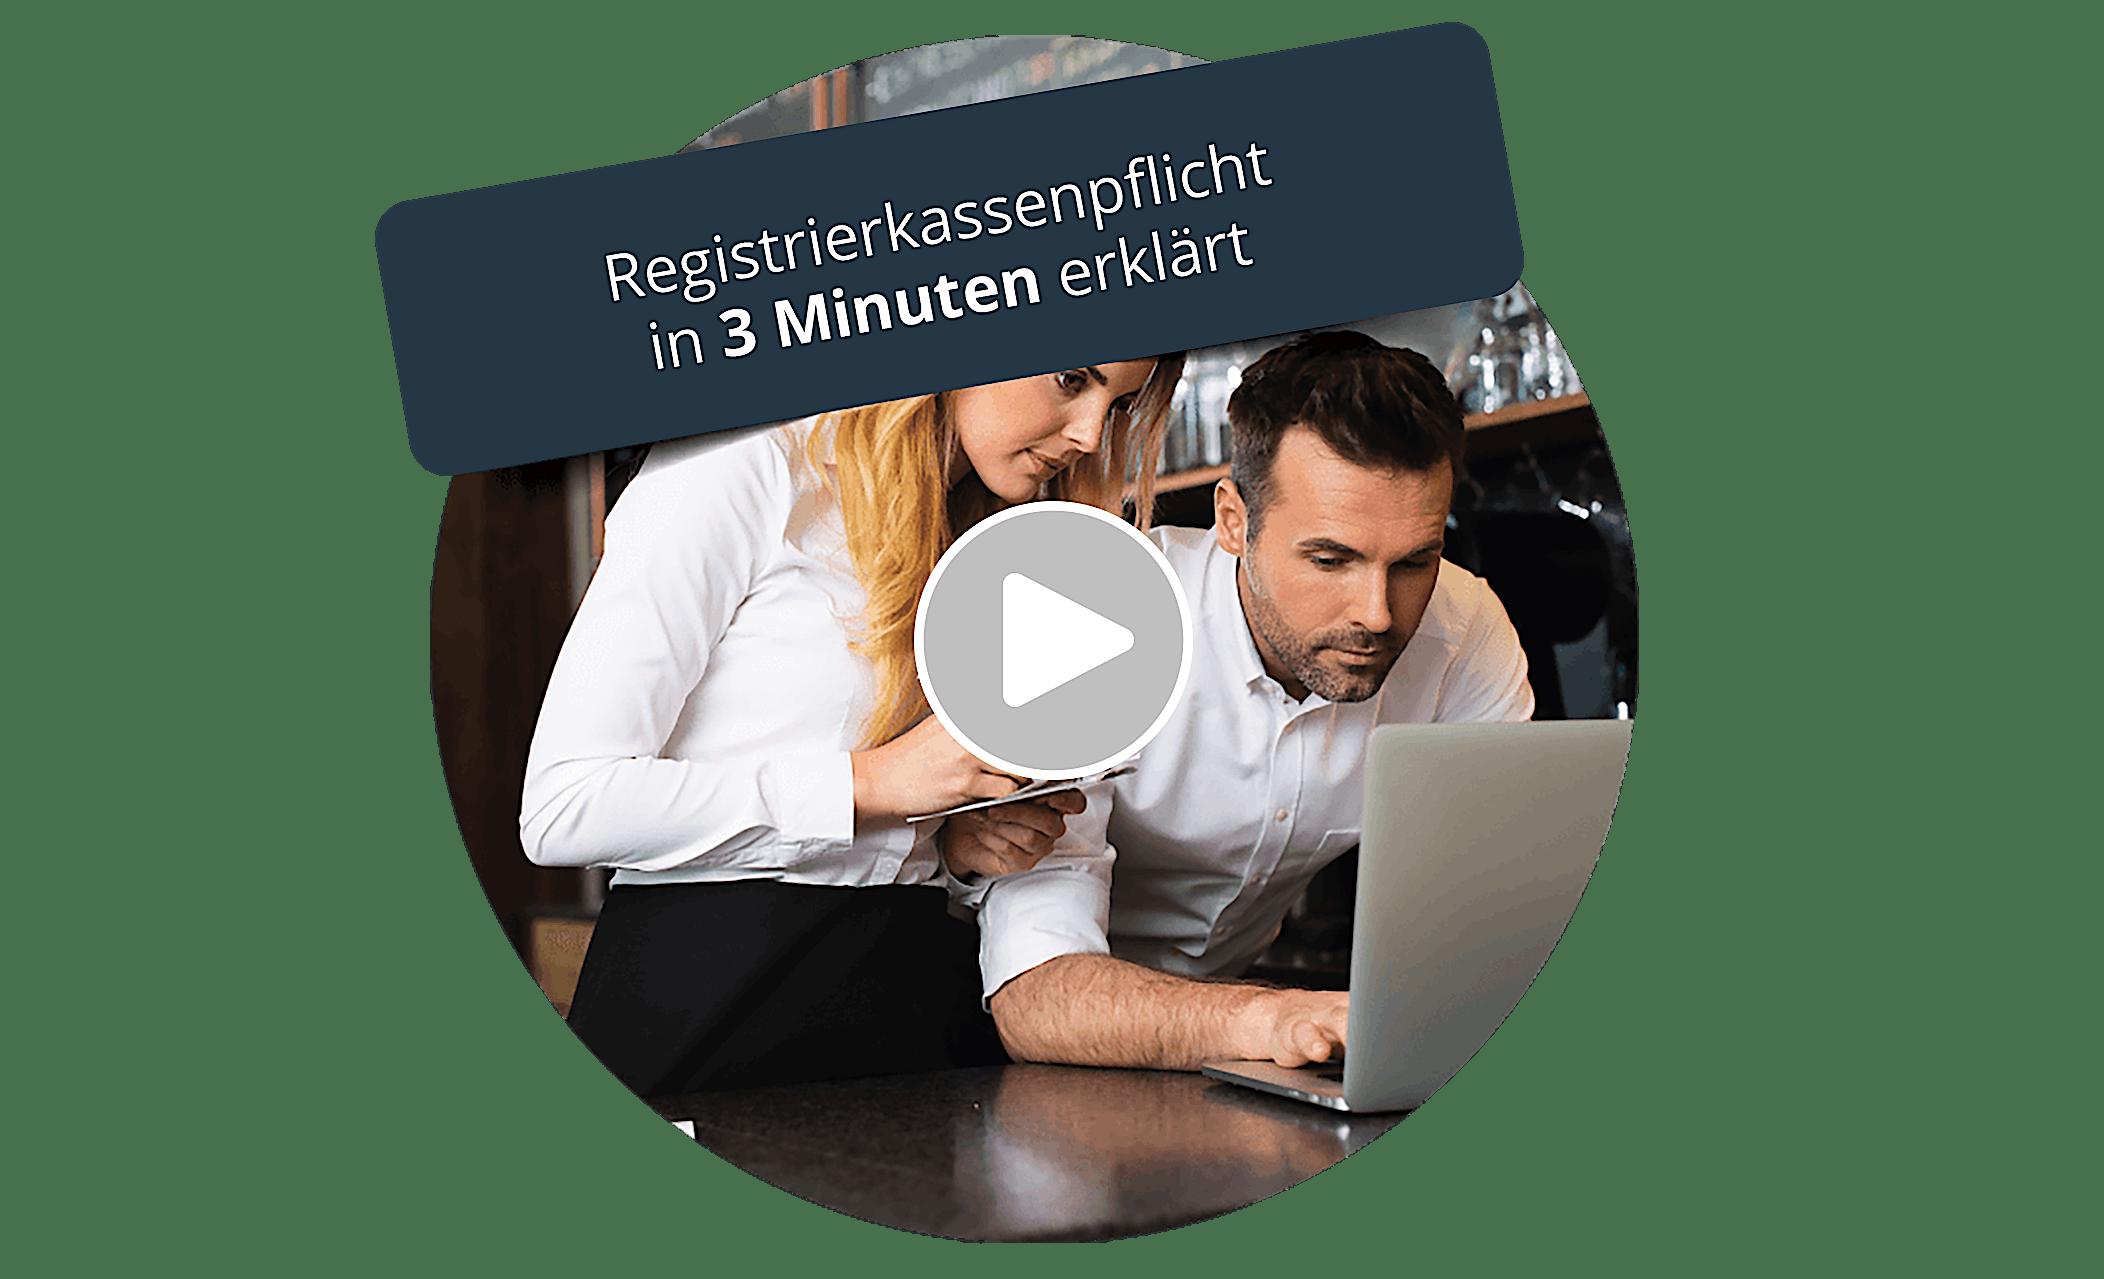 Registrierkassenpflicht erklärt